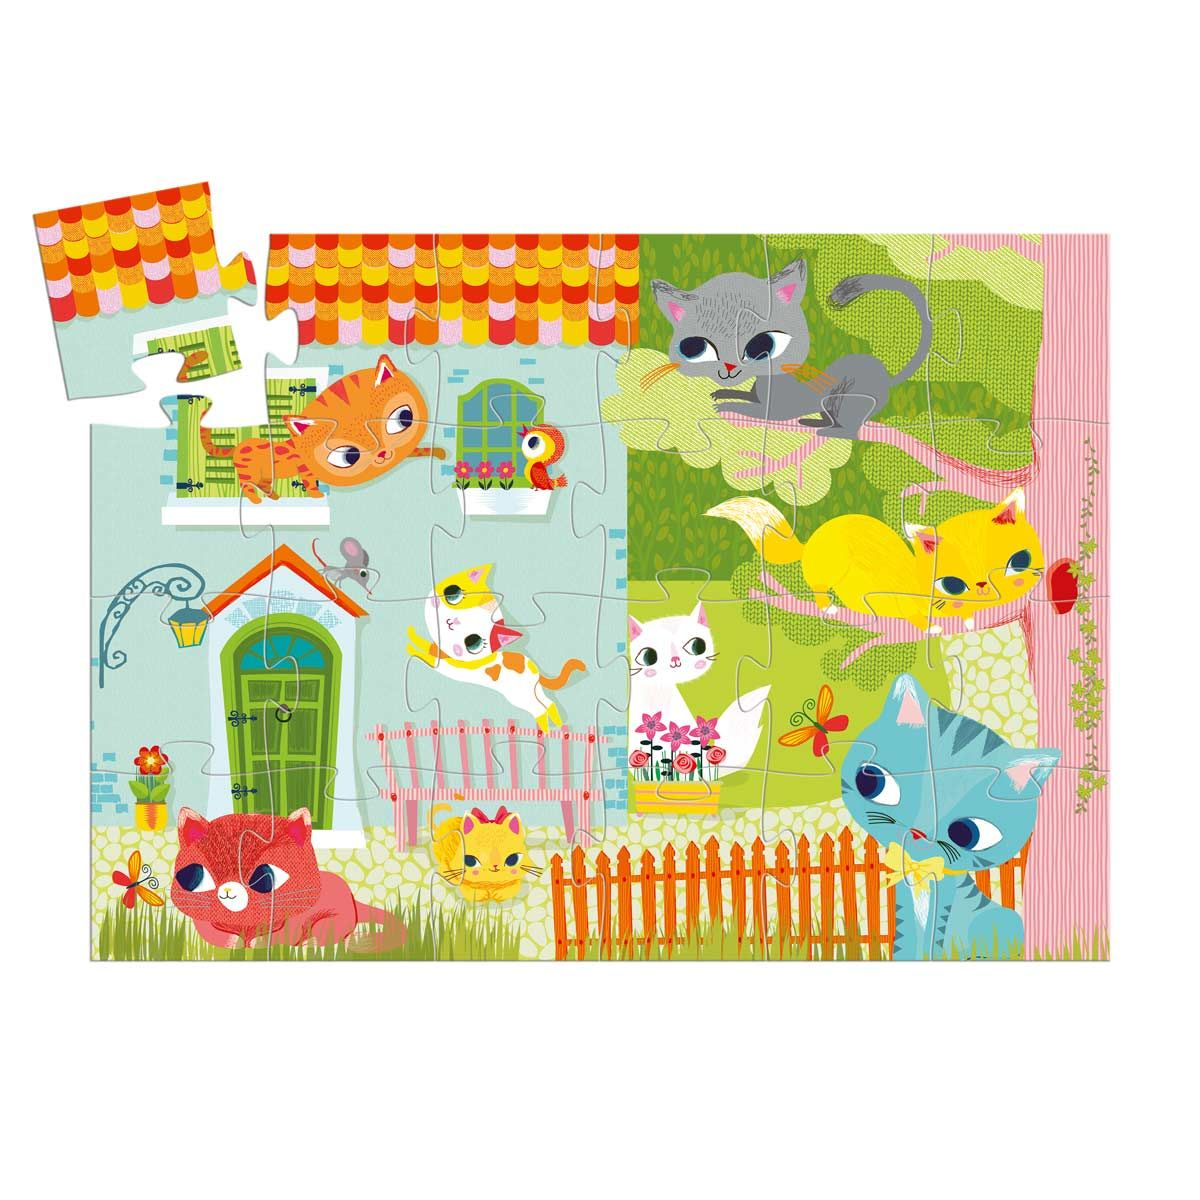 Puzzle Pachat Et Ses Amis 24 Pièces Djeco   Patchwork Papier à Jeux En Ligne Enfant 3 Ans